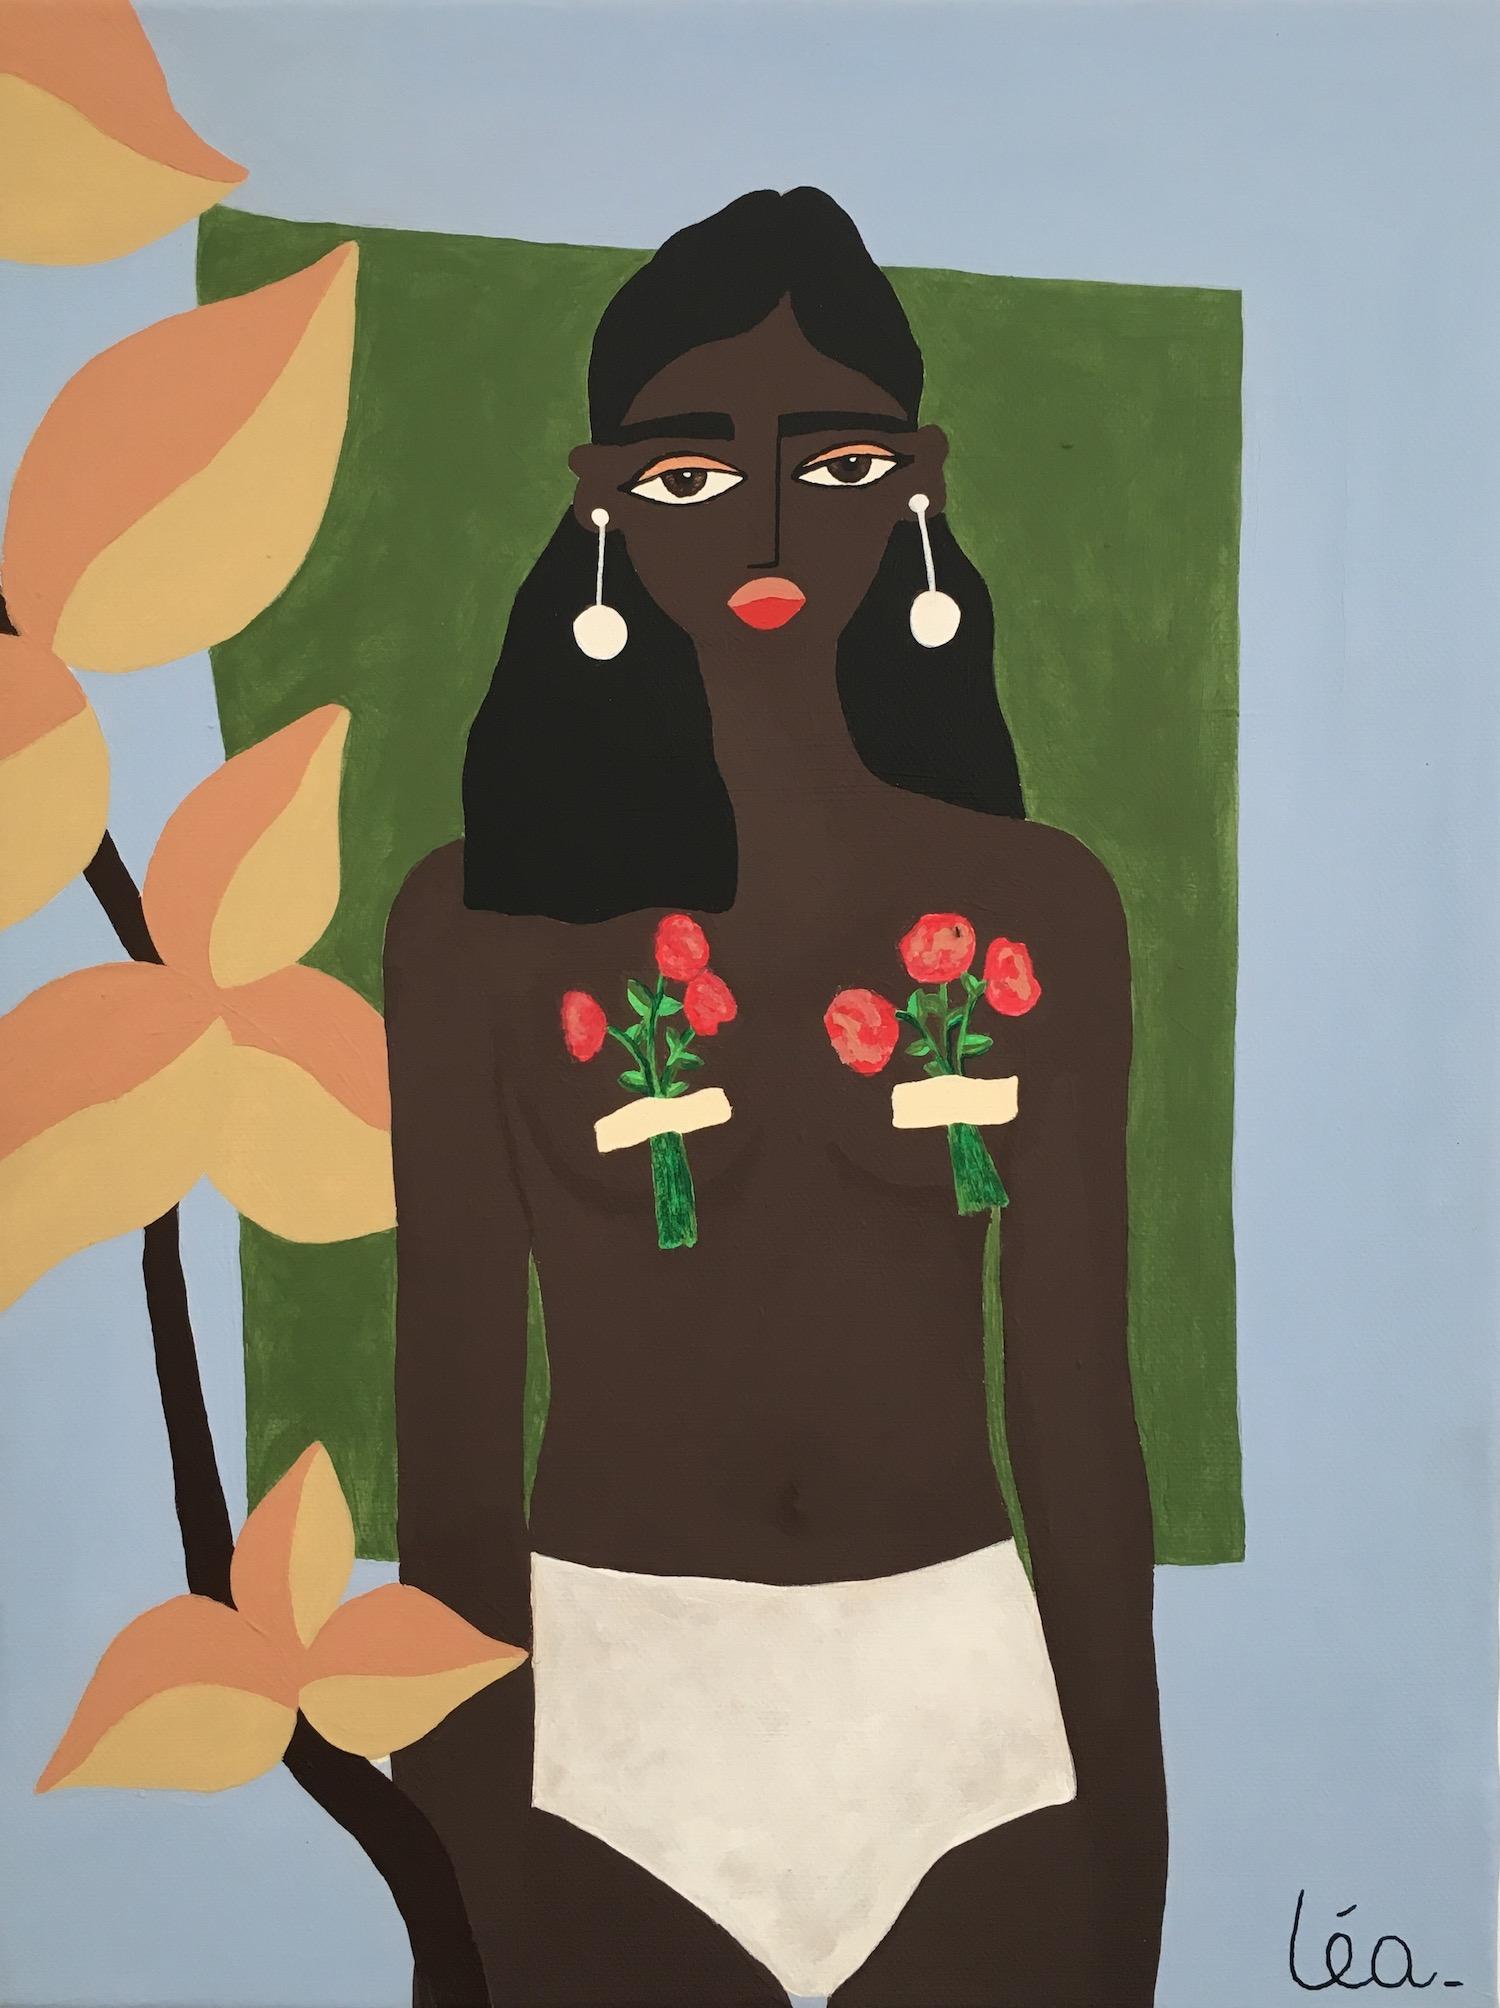 femme aux fleurs torse nu